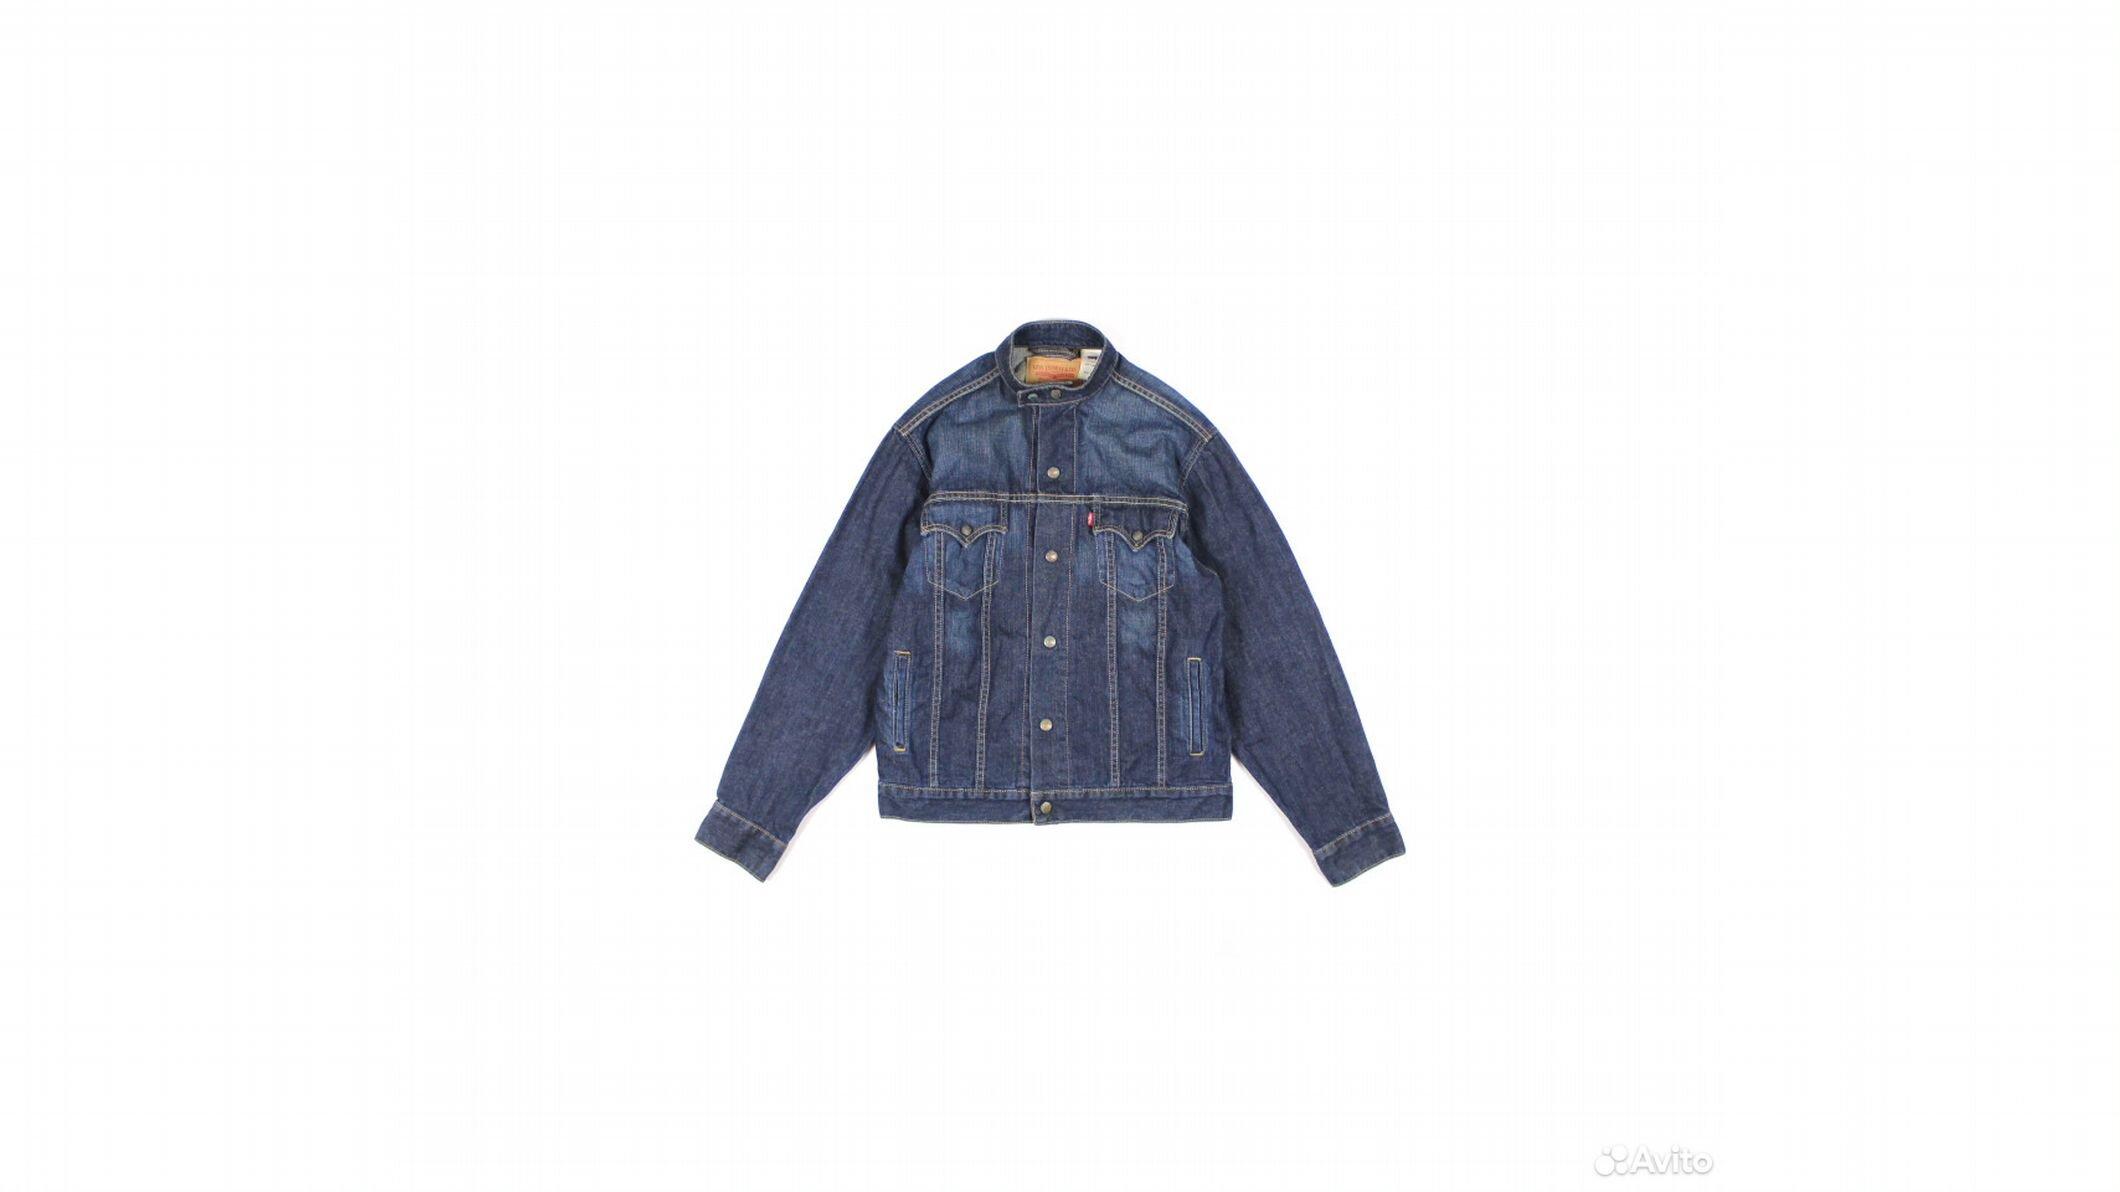 Levis Jacket джинсовая куртка купить в Москве с доставкой | Личные вещи | Авито